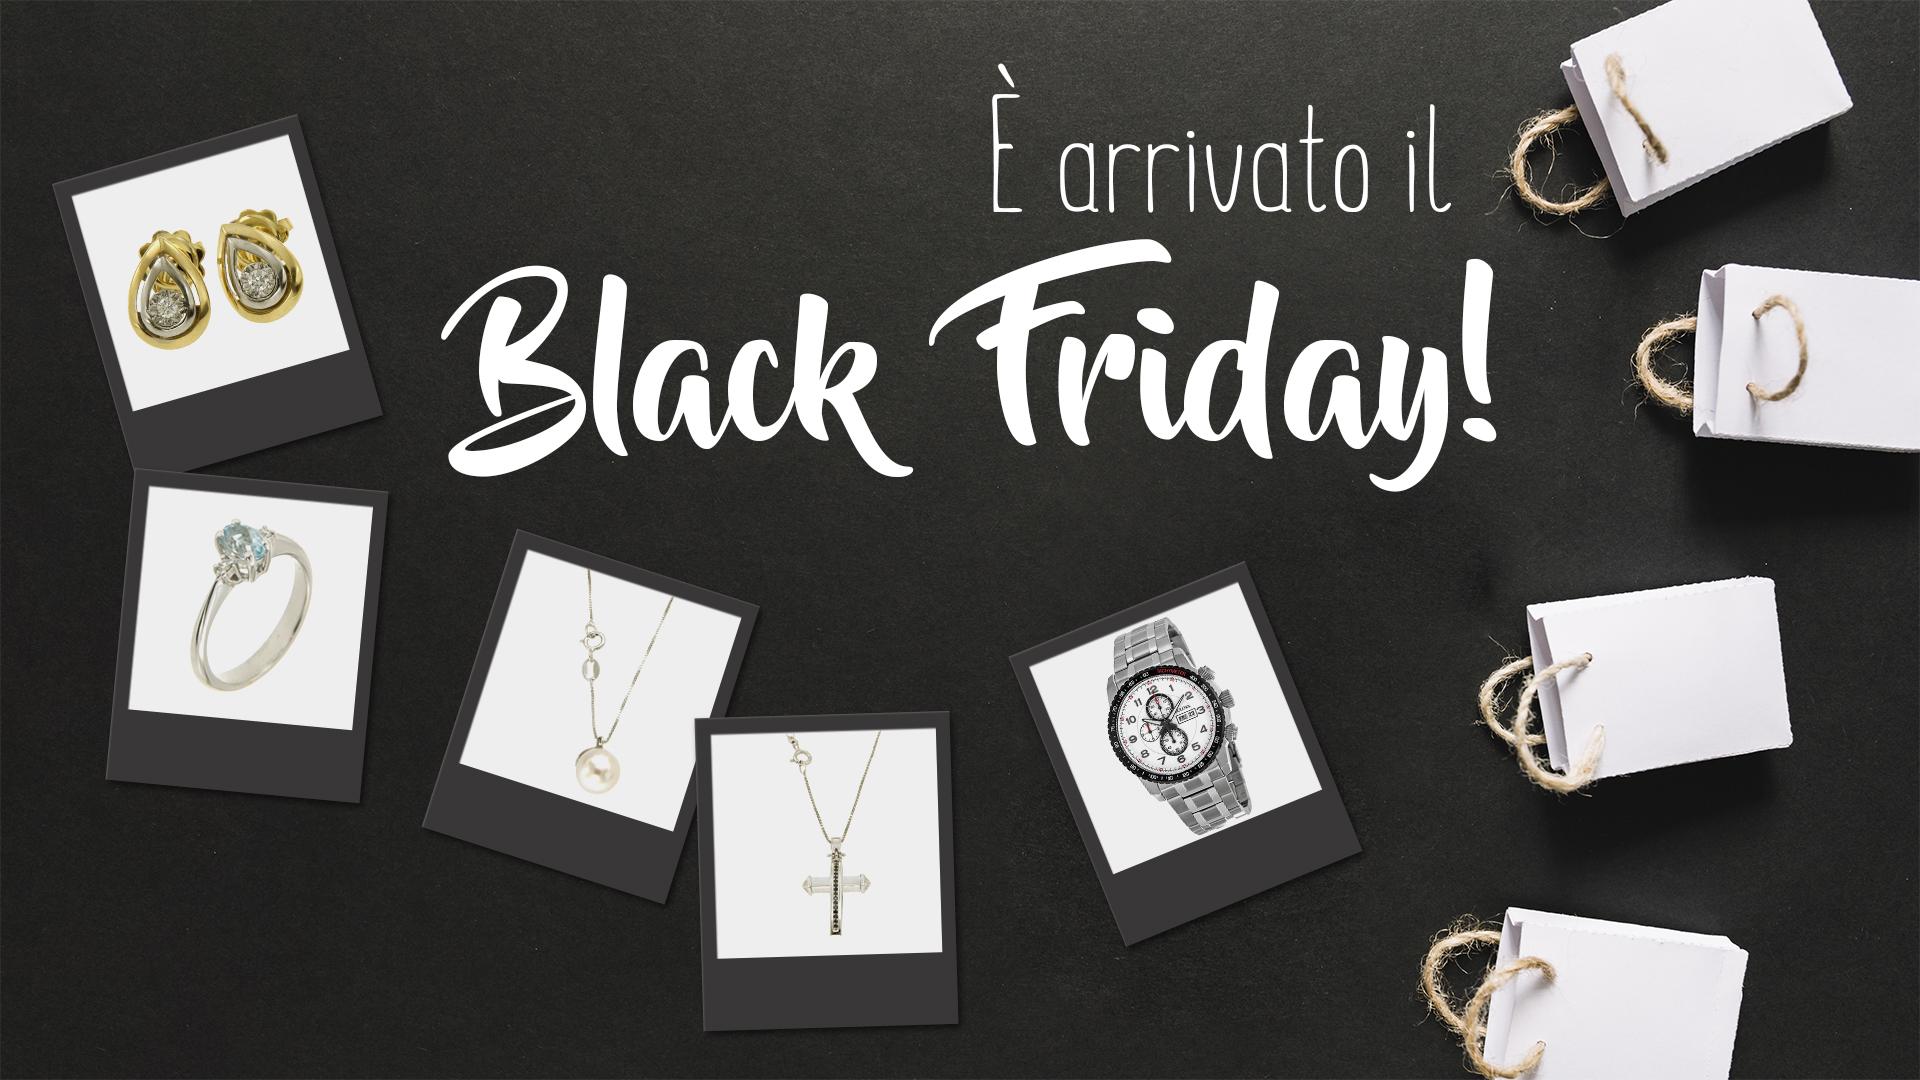 Il Bello del lusso - 5 consigli per il Black Friday